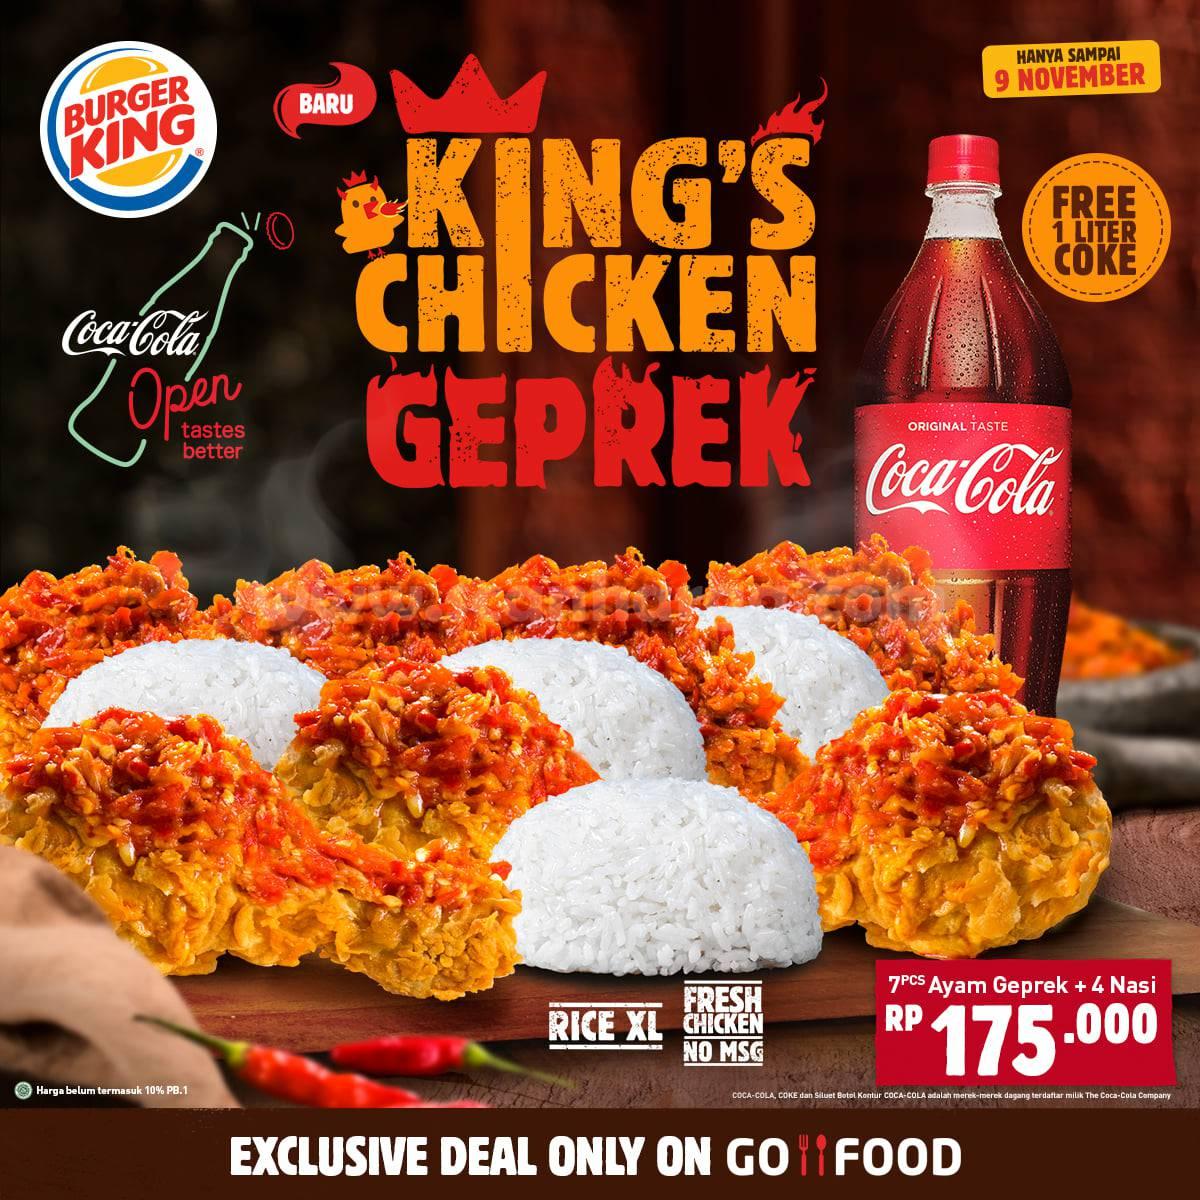 Promo Burger KING'S CHICKEN SAMBAL GEPREK